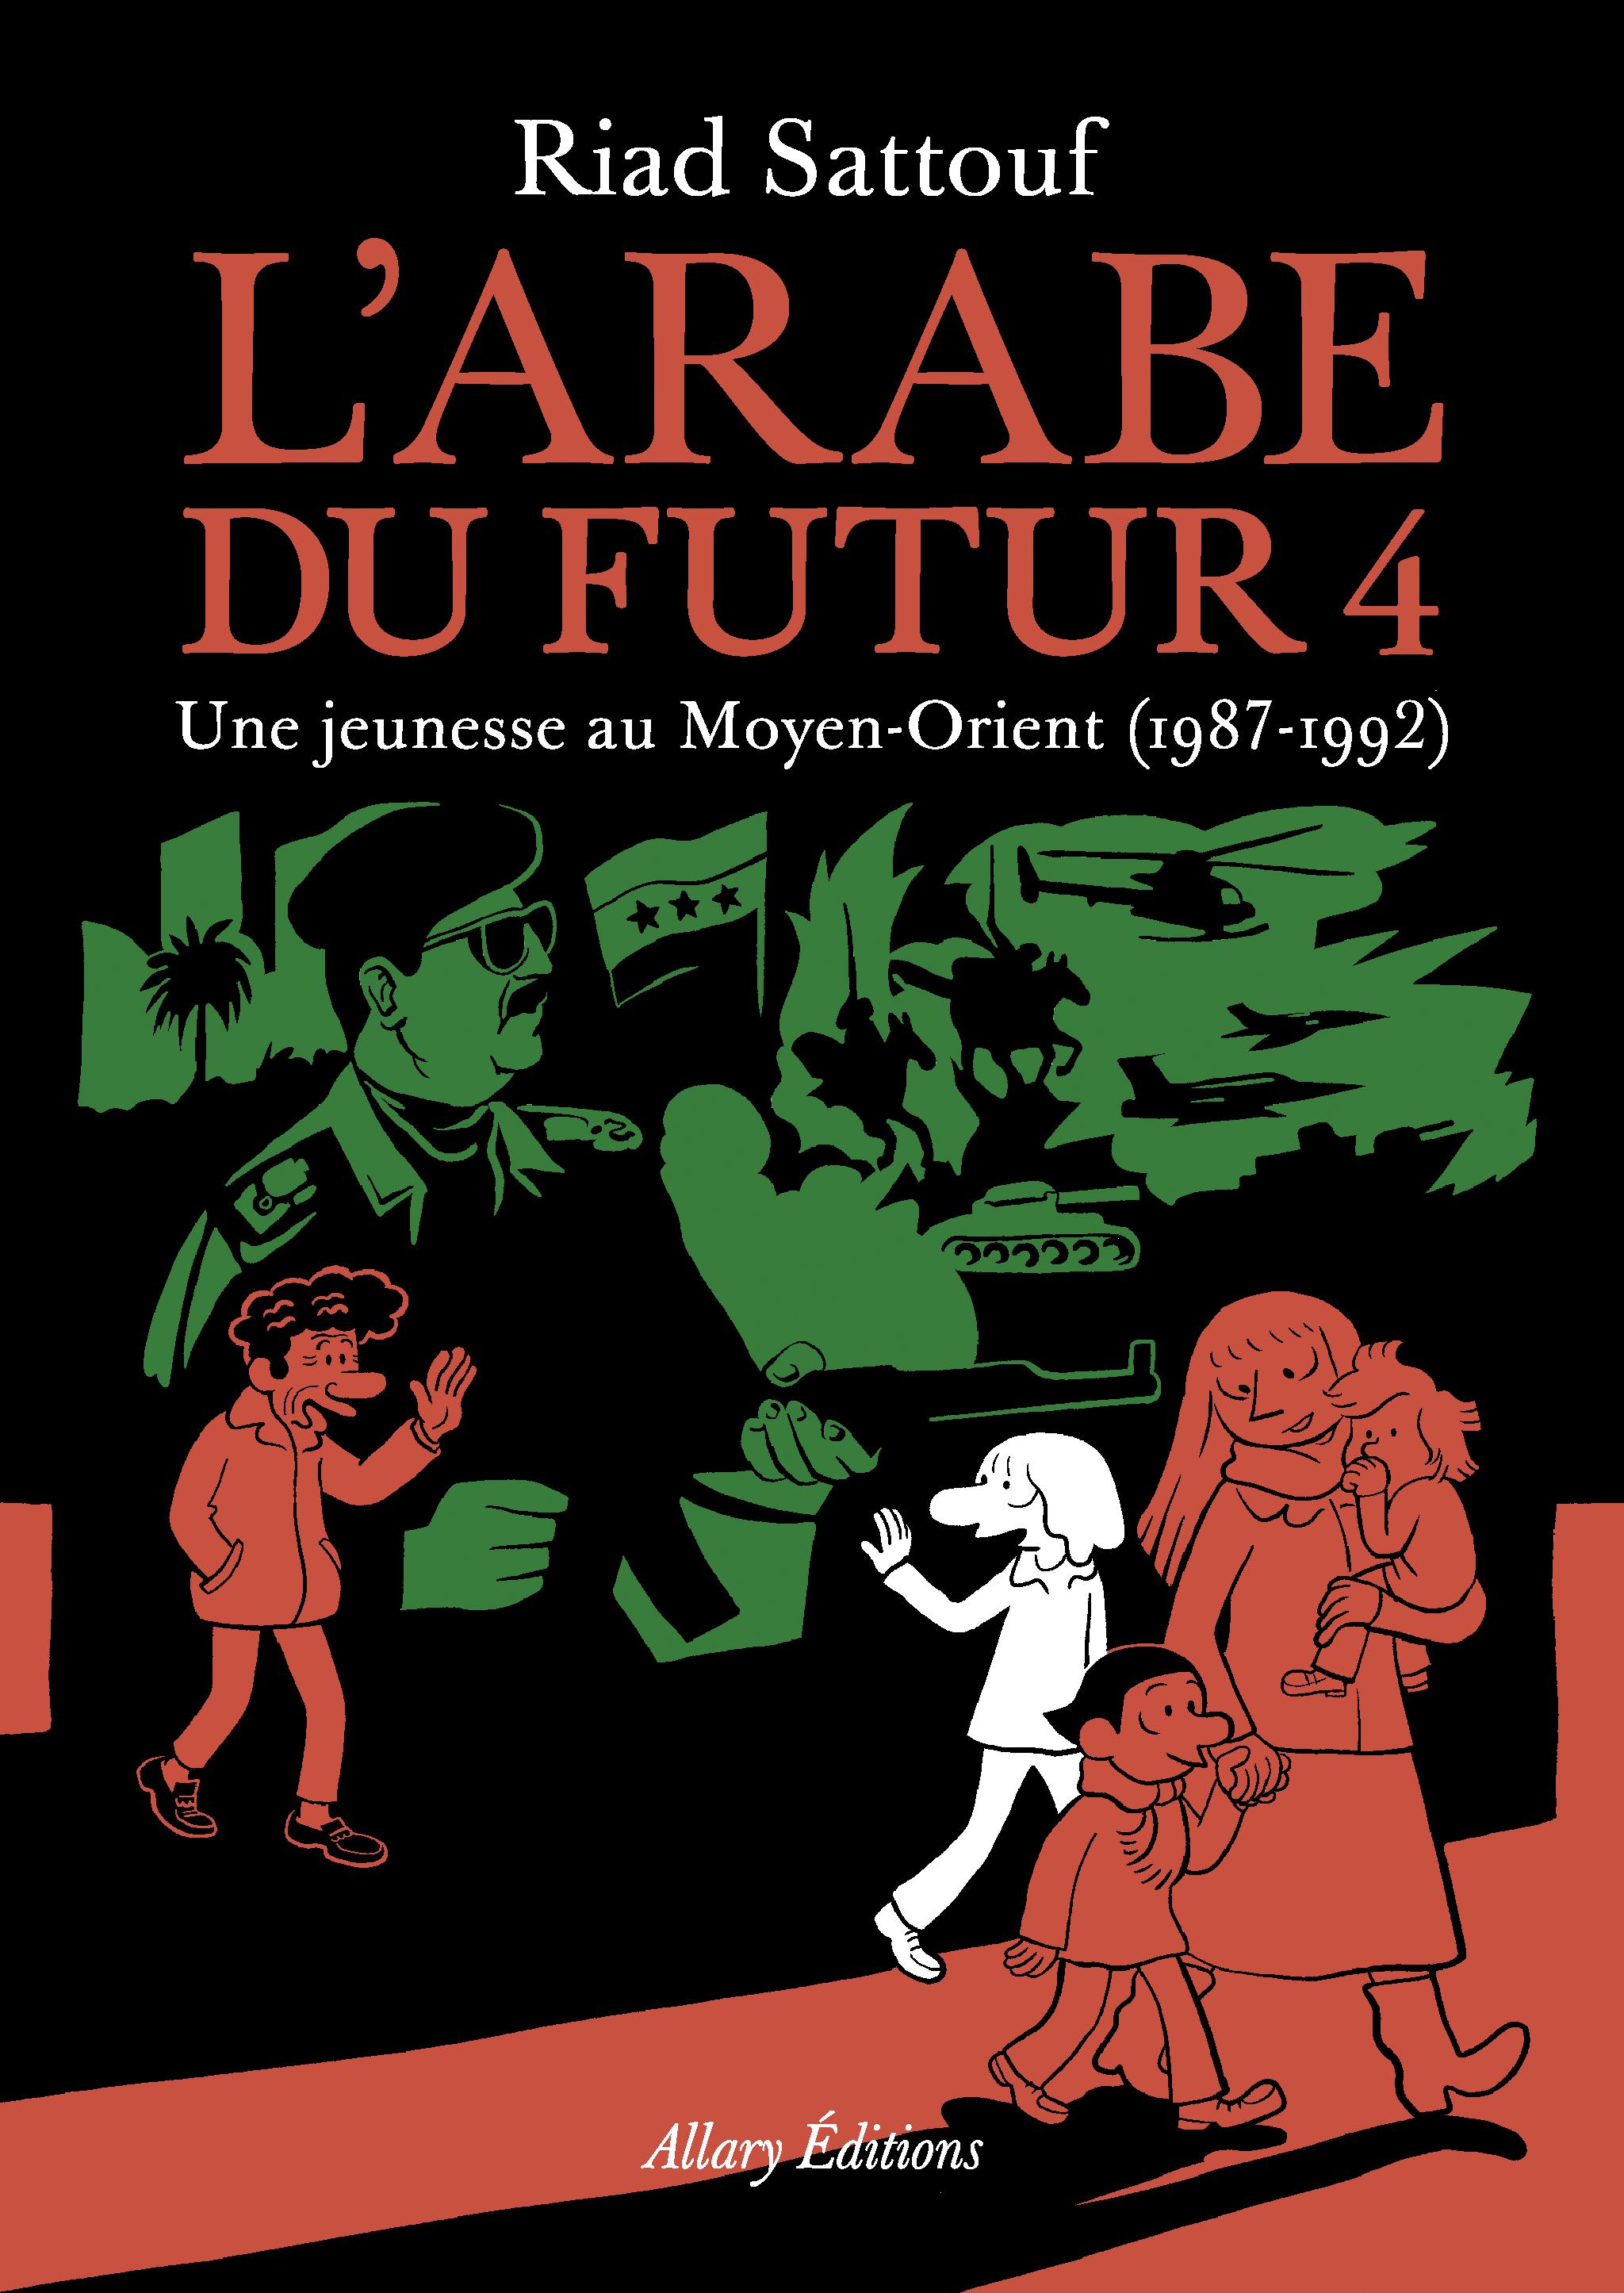 larabe-du-futur-4_riad-sattouf_allary-editions